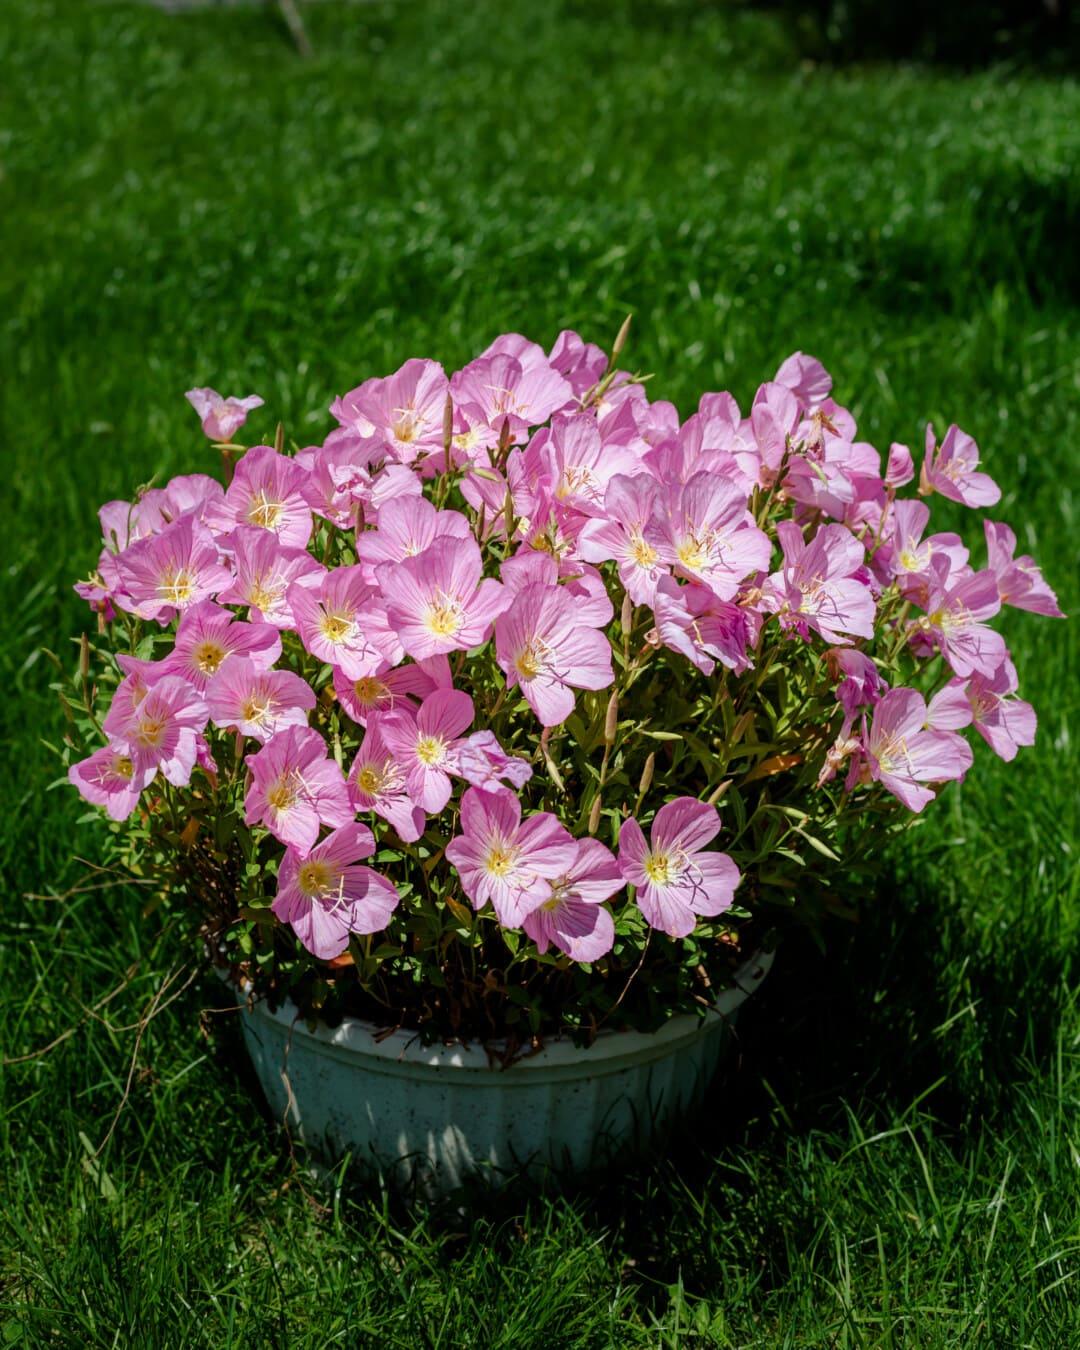 flower garden, horticulture, flowerpot, beautiful flowers, petals, pinkish, lawn, grass, garden, pink